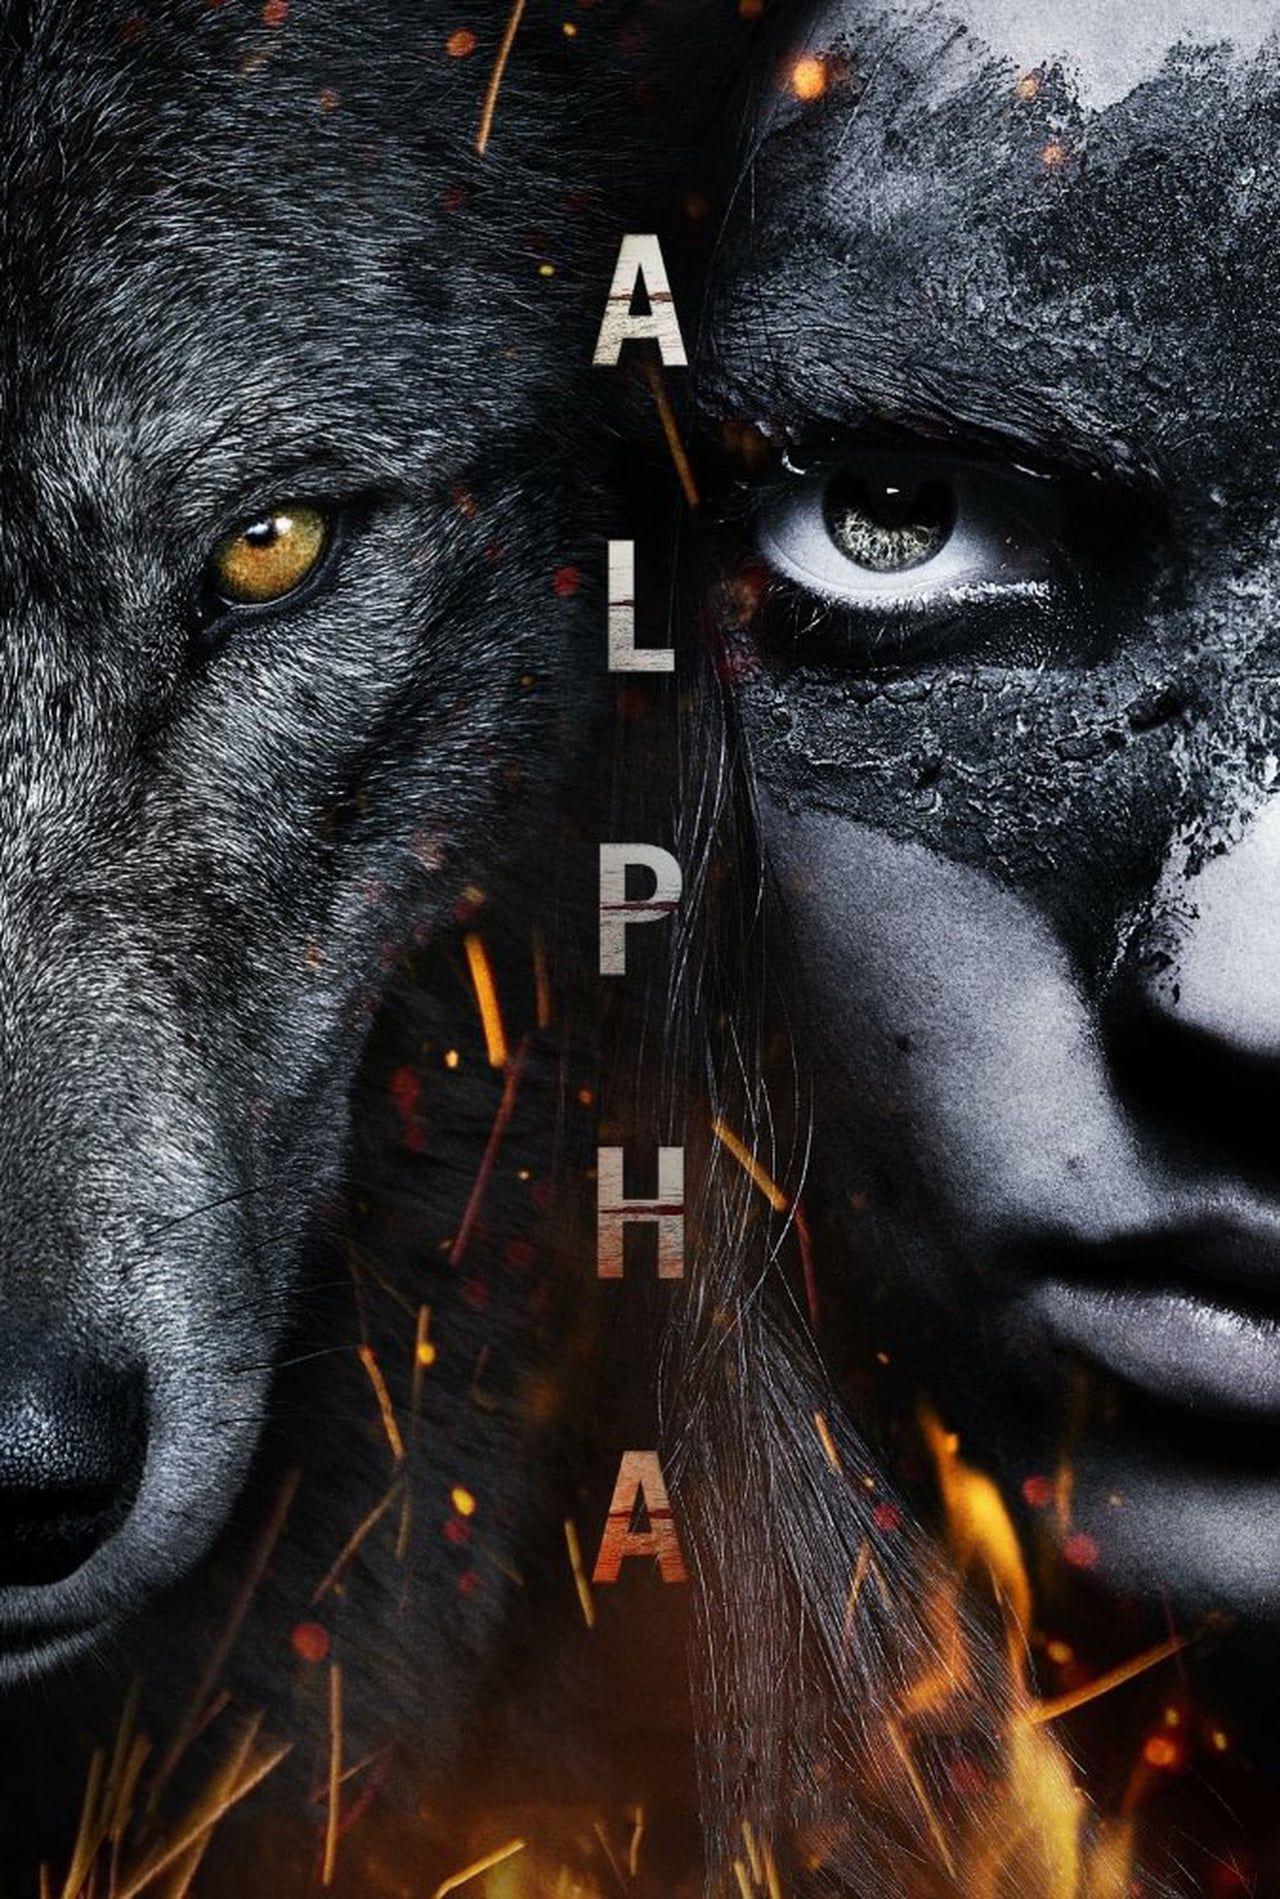 alpha movie 2018 full movie watch online free